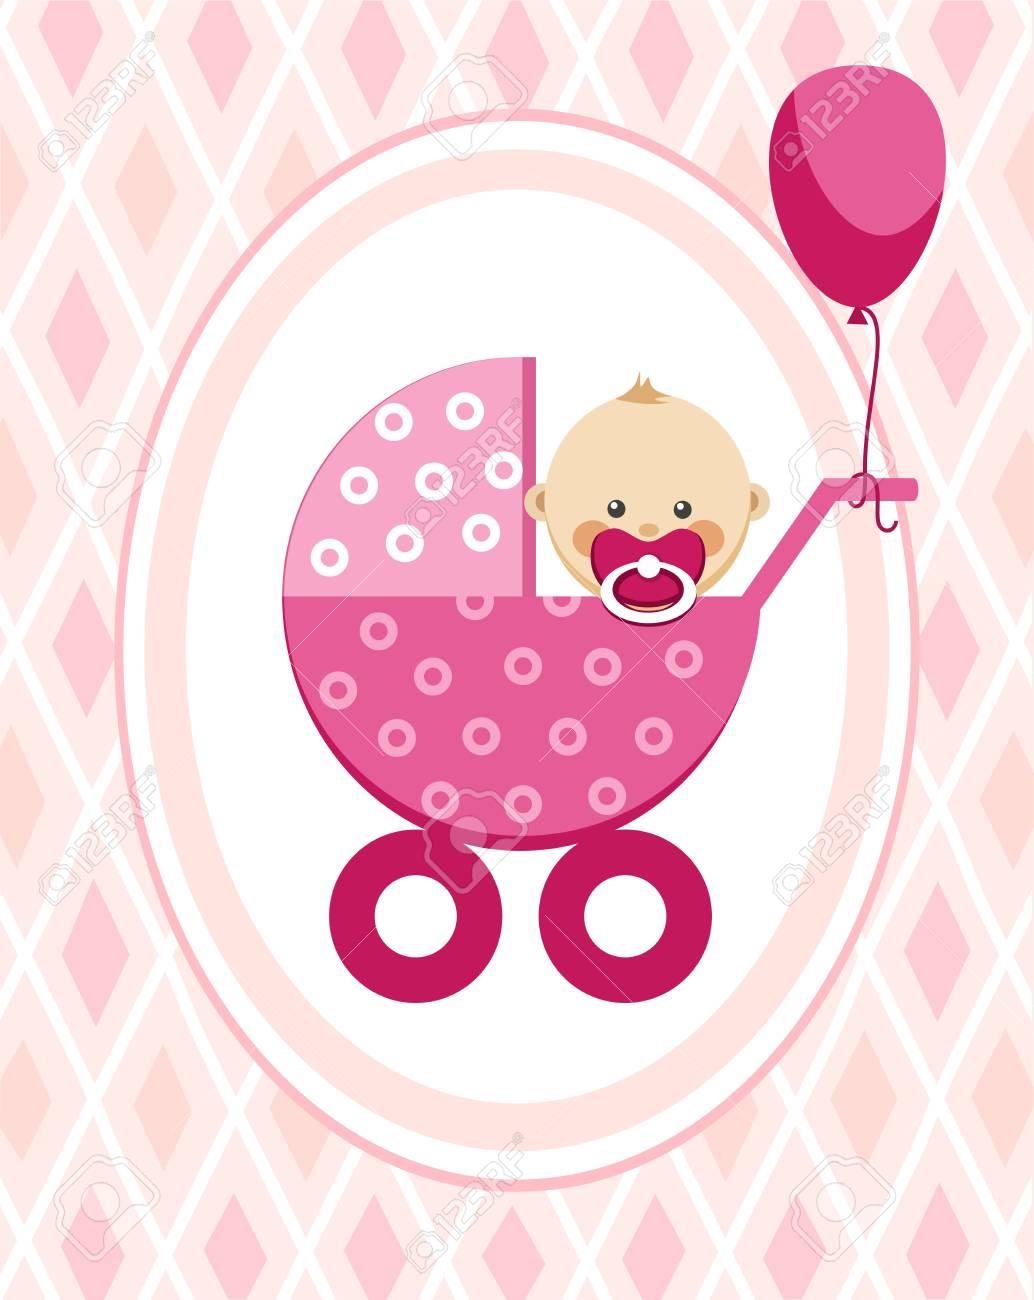 https://previews.123rf.com/images/elenavdovina/elenavdovina1803/elenavdovina180300089/98288960-newborn-baby-girl-greeting-card-p